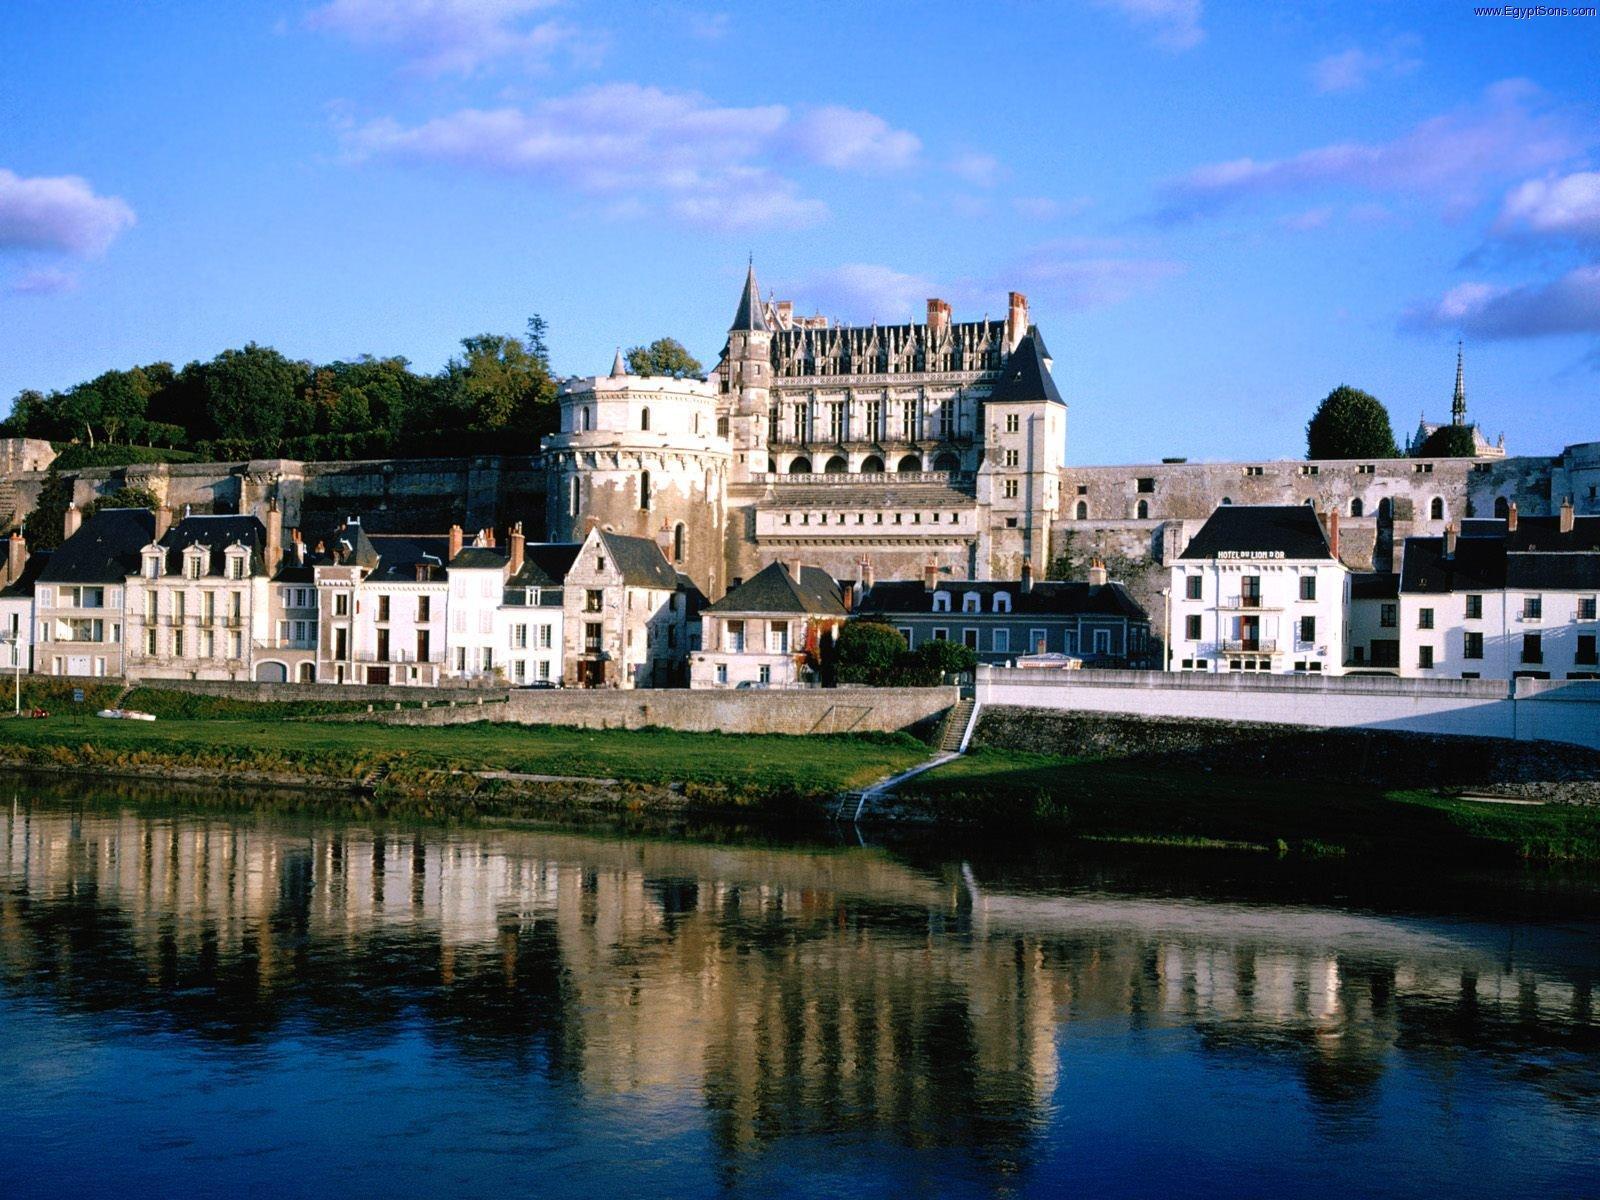 Бретань. Достопримечательности и шоп-туры